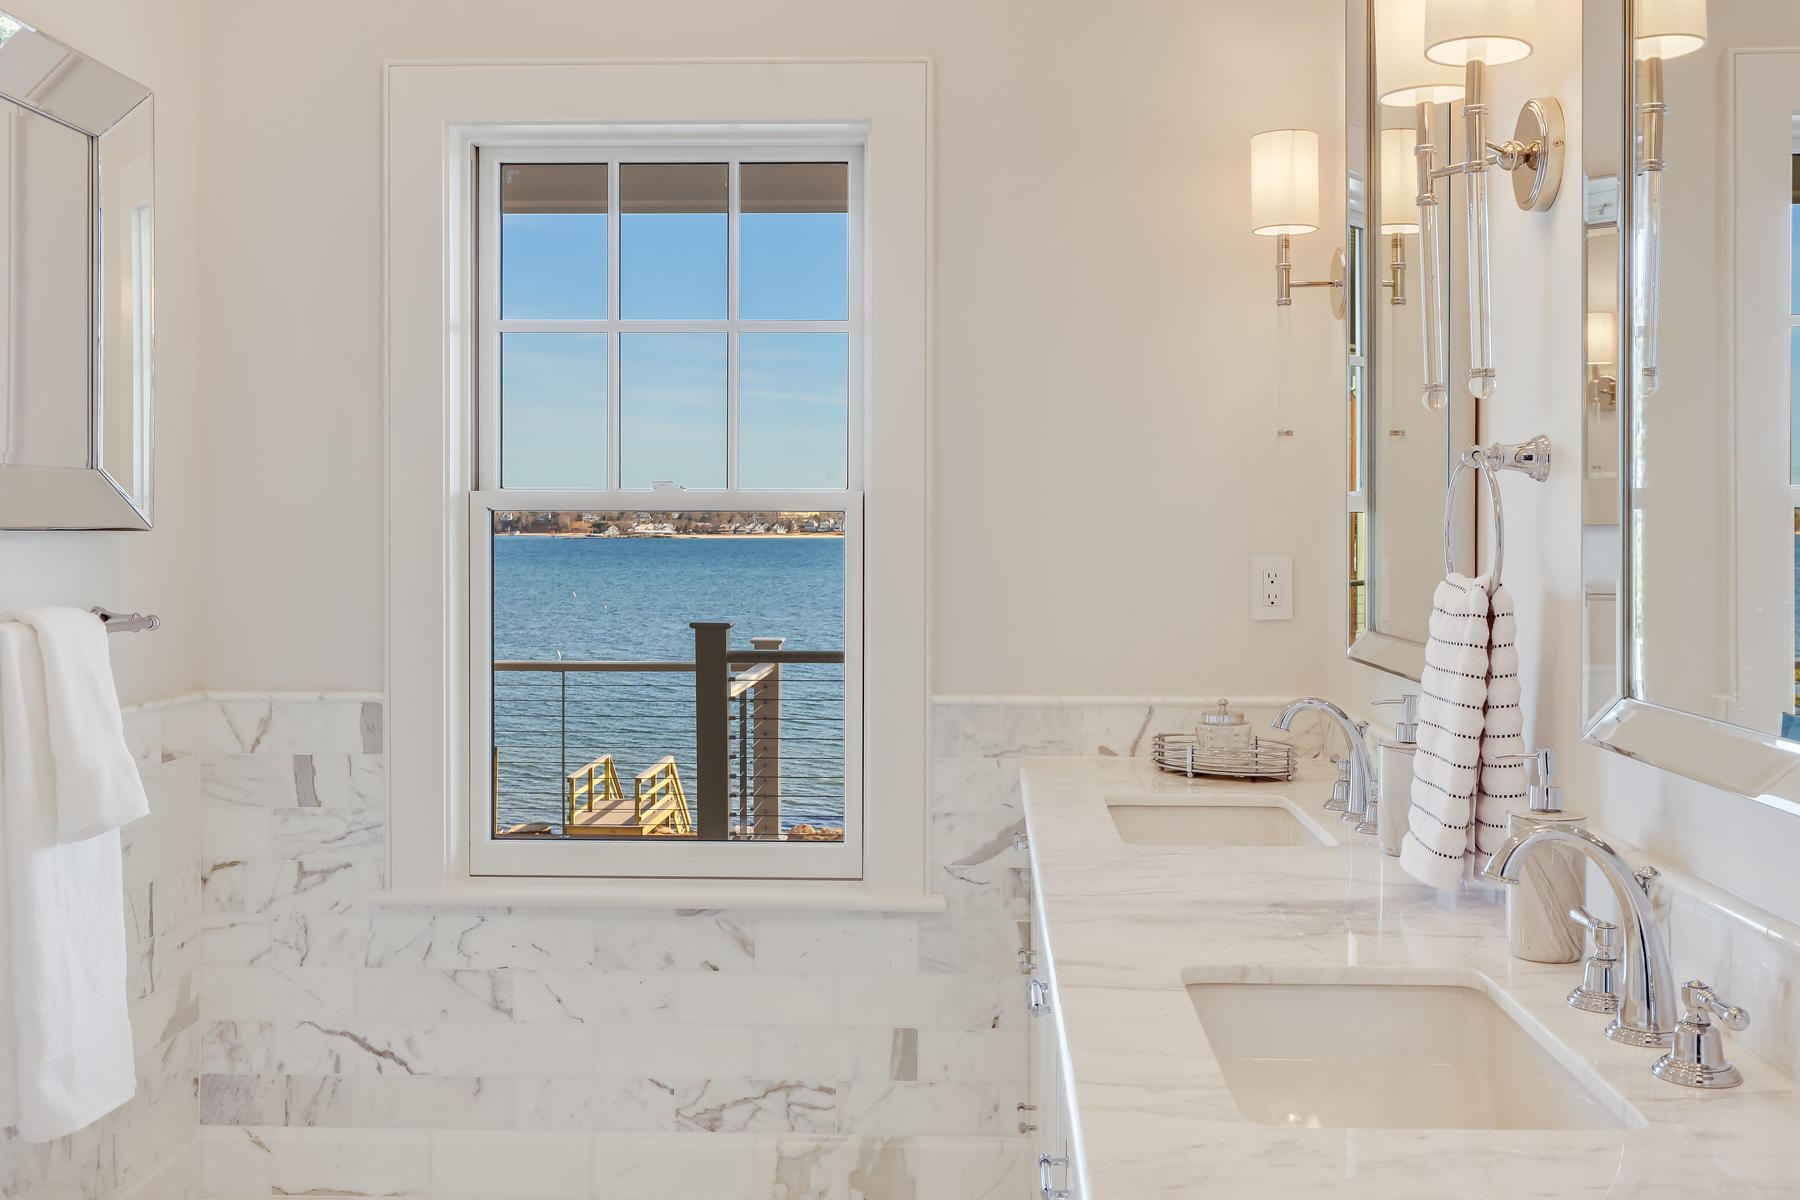 25 Pasture Road, Cataumet, Massachusetts, 02534, 6 Bedrooms Bedrooms, ,5 BathroomsBathrooms,Residential,For Sale,25 Pasture Road,22002215